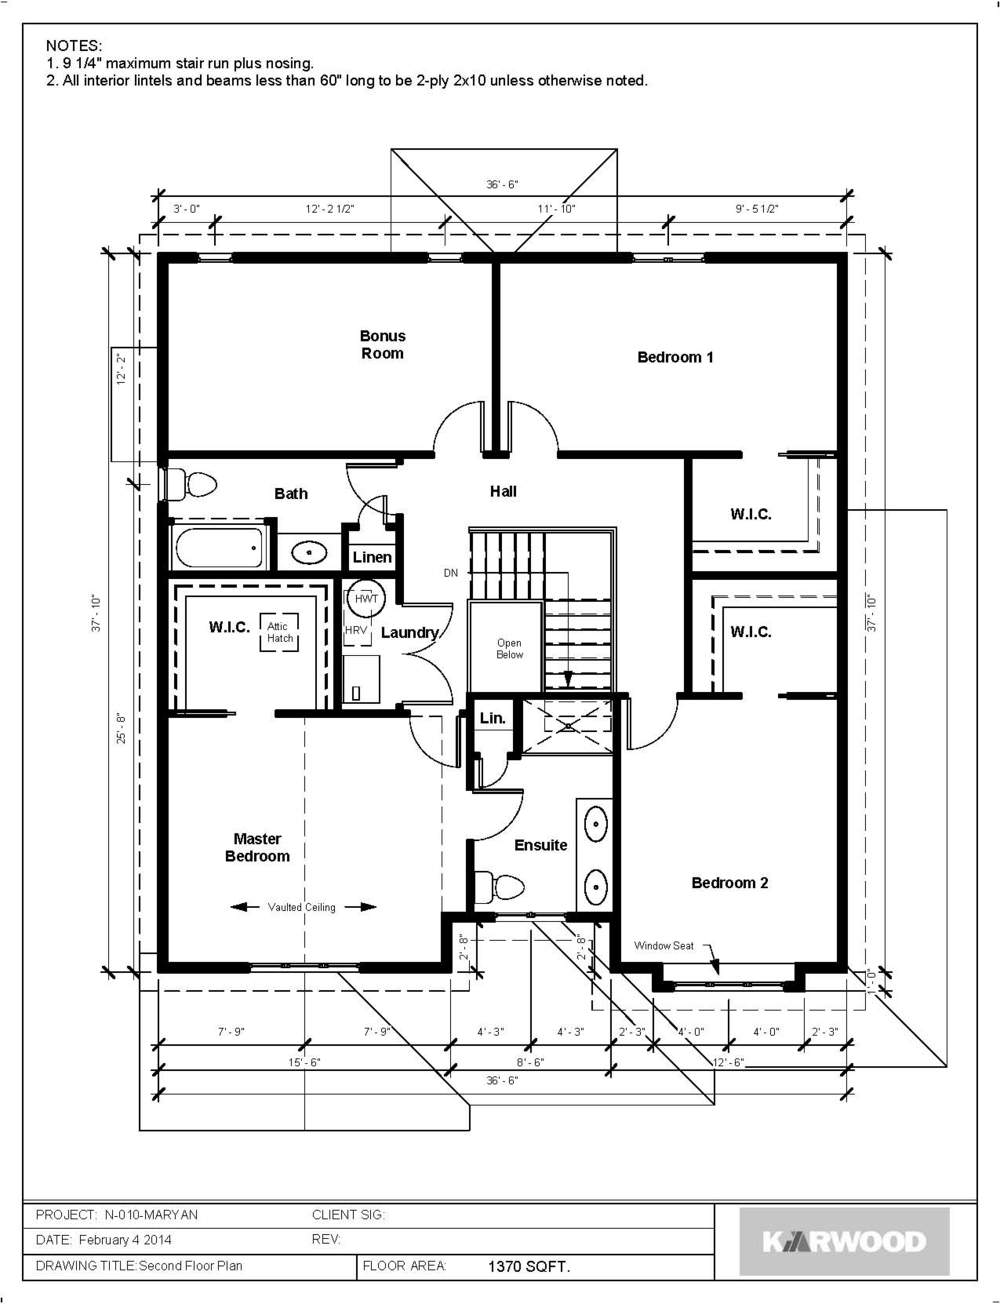 N-010-MARYAN-web plan_Page_3.jpg